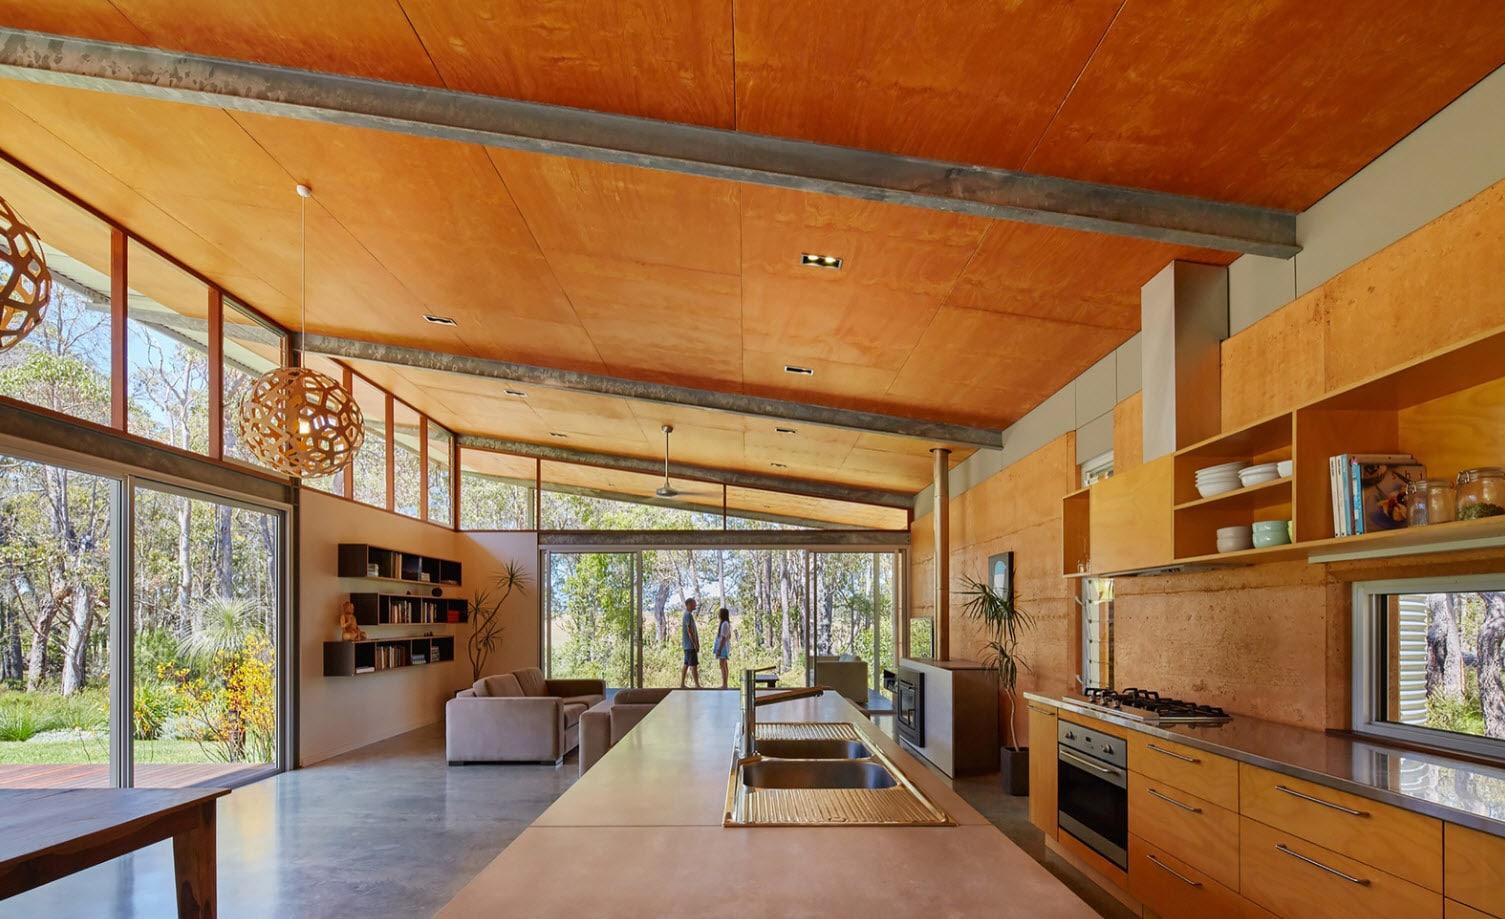 Diseño interior casa rural moderna